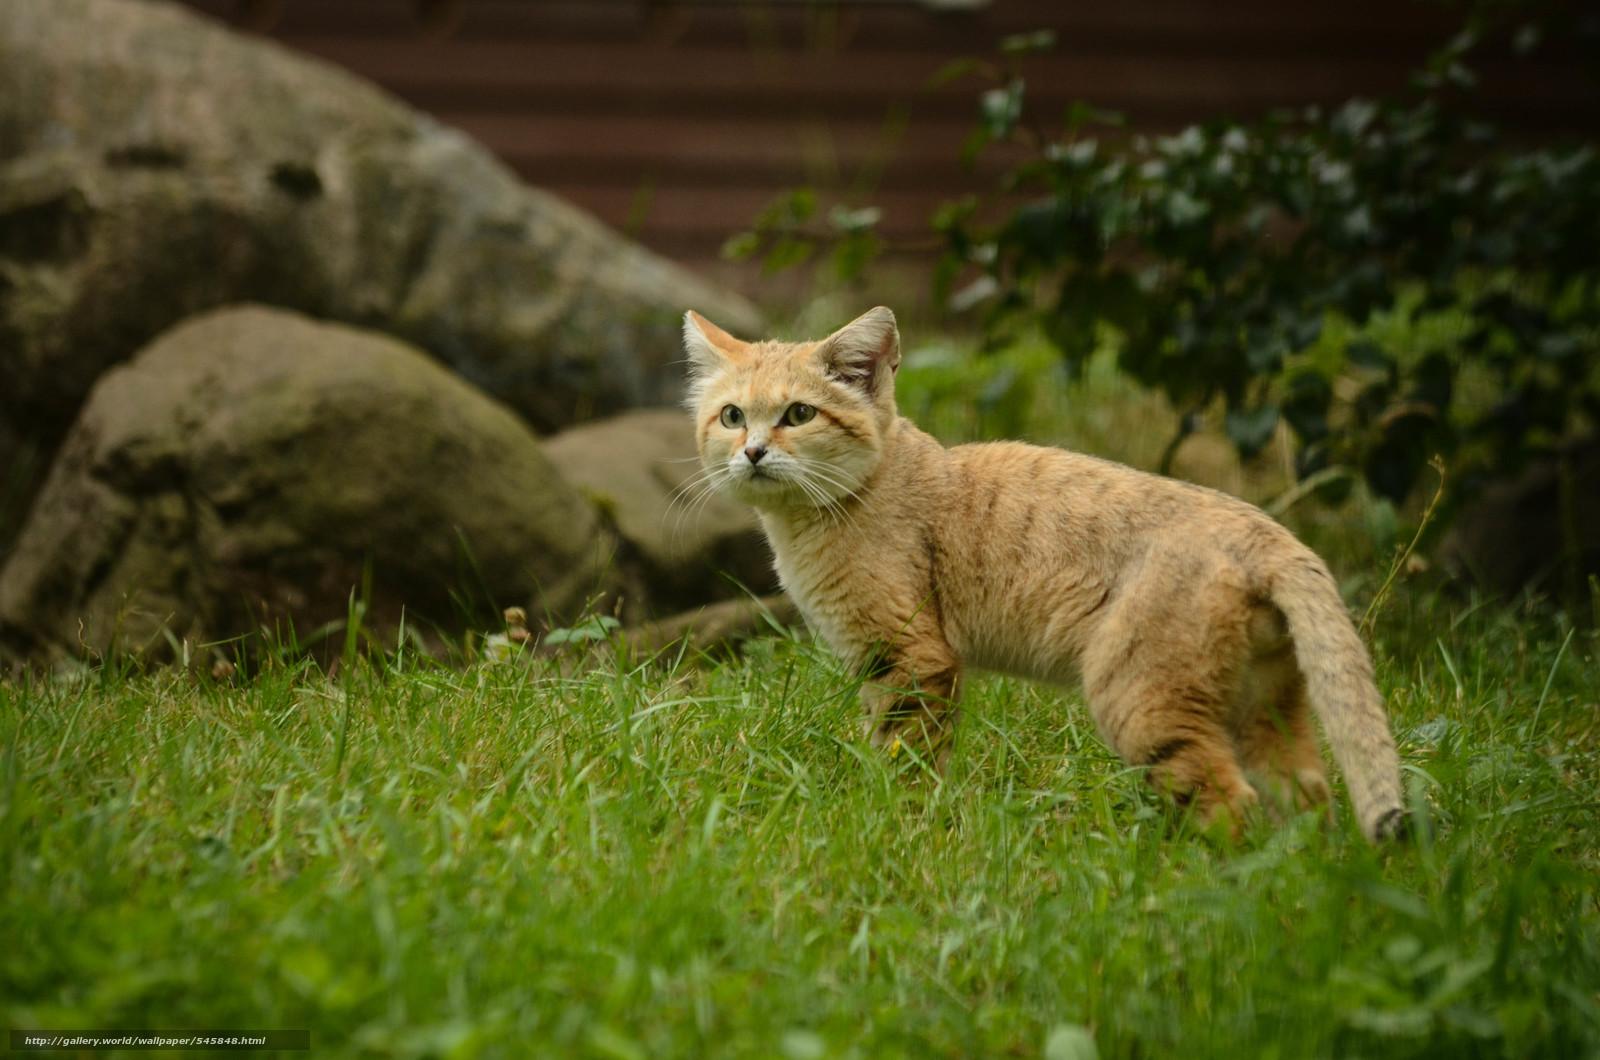 Svezia parken zoo di eskilstuna sabbia del gatto